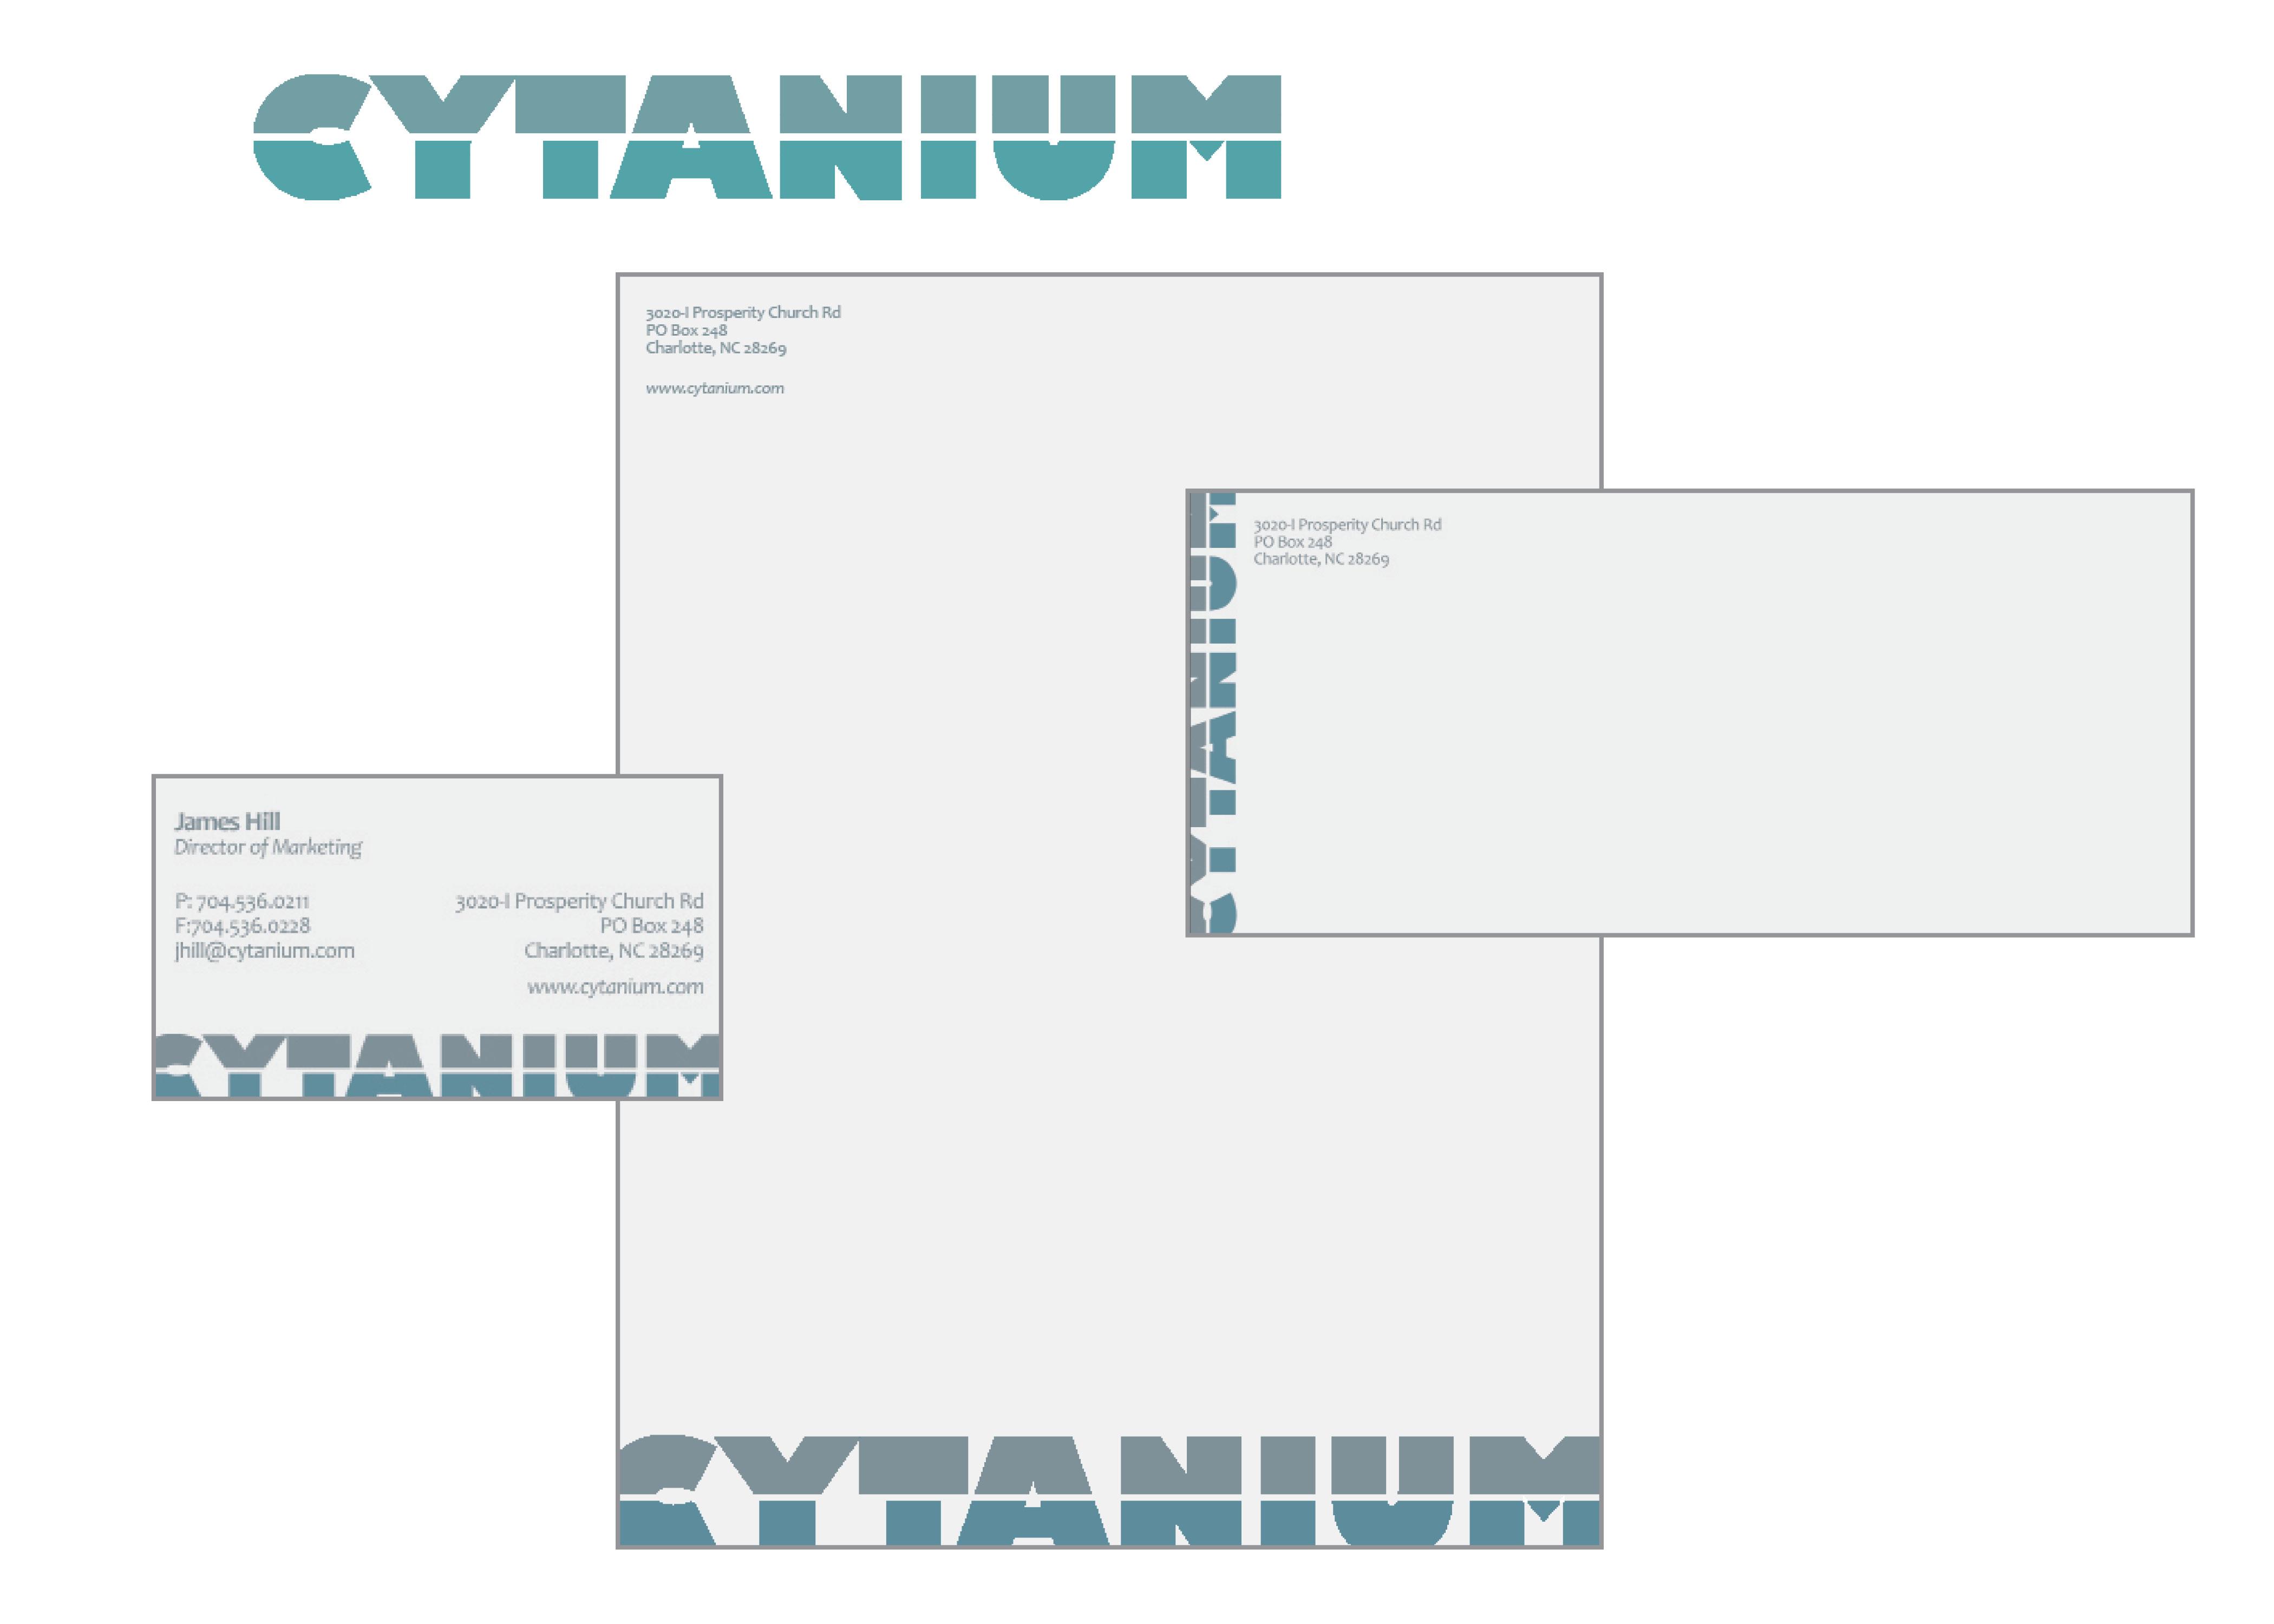 Cytanium